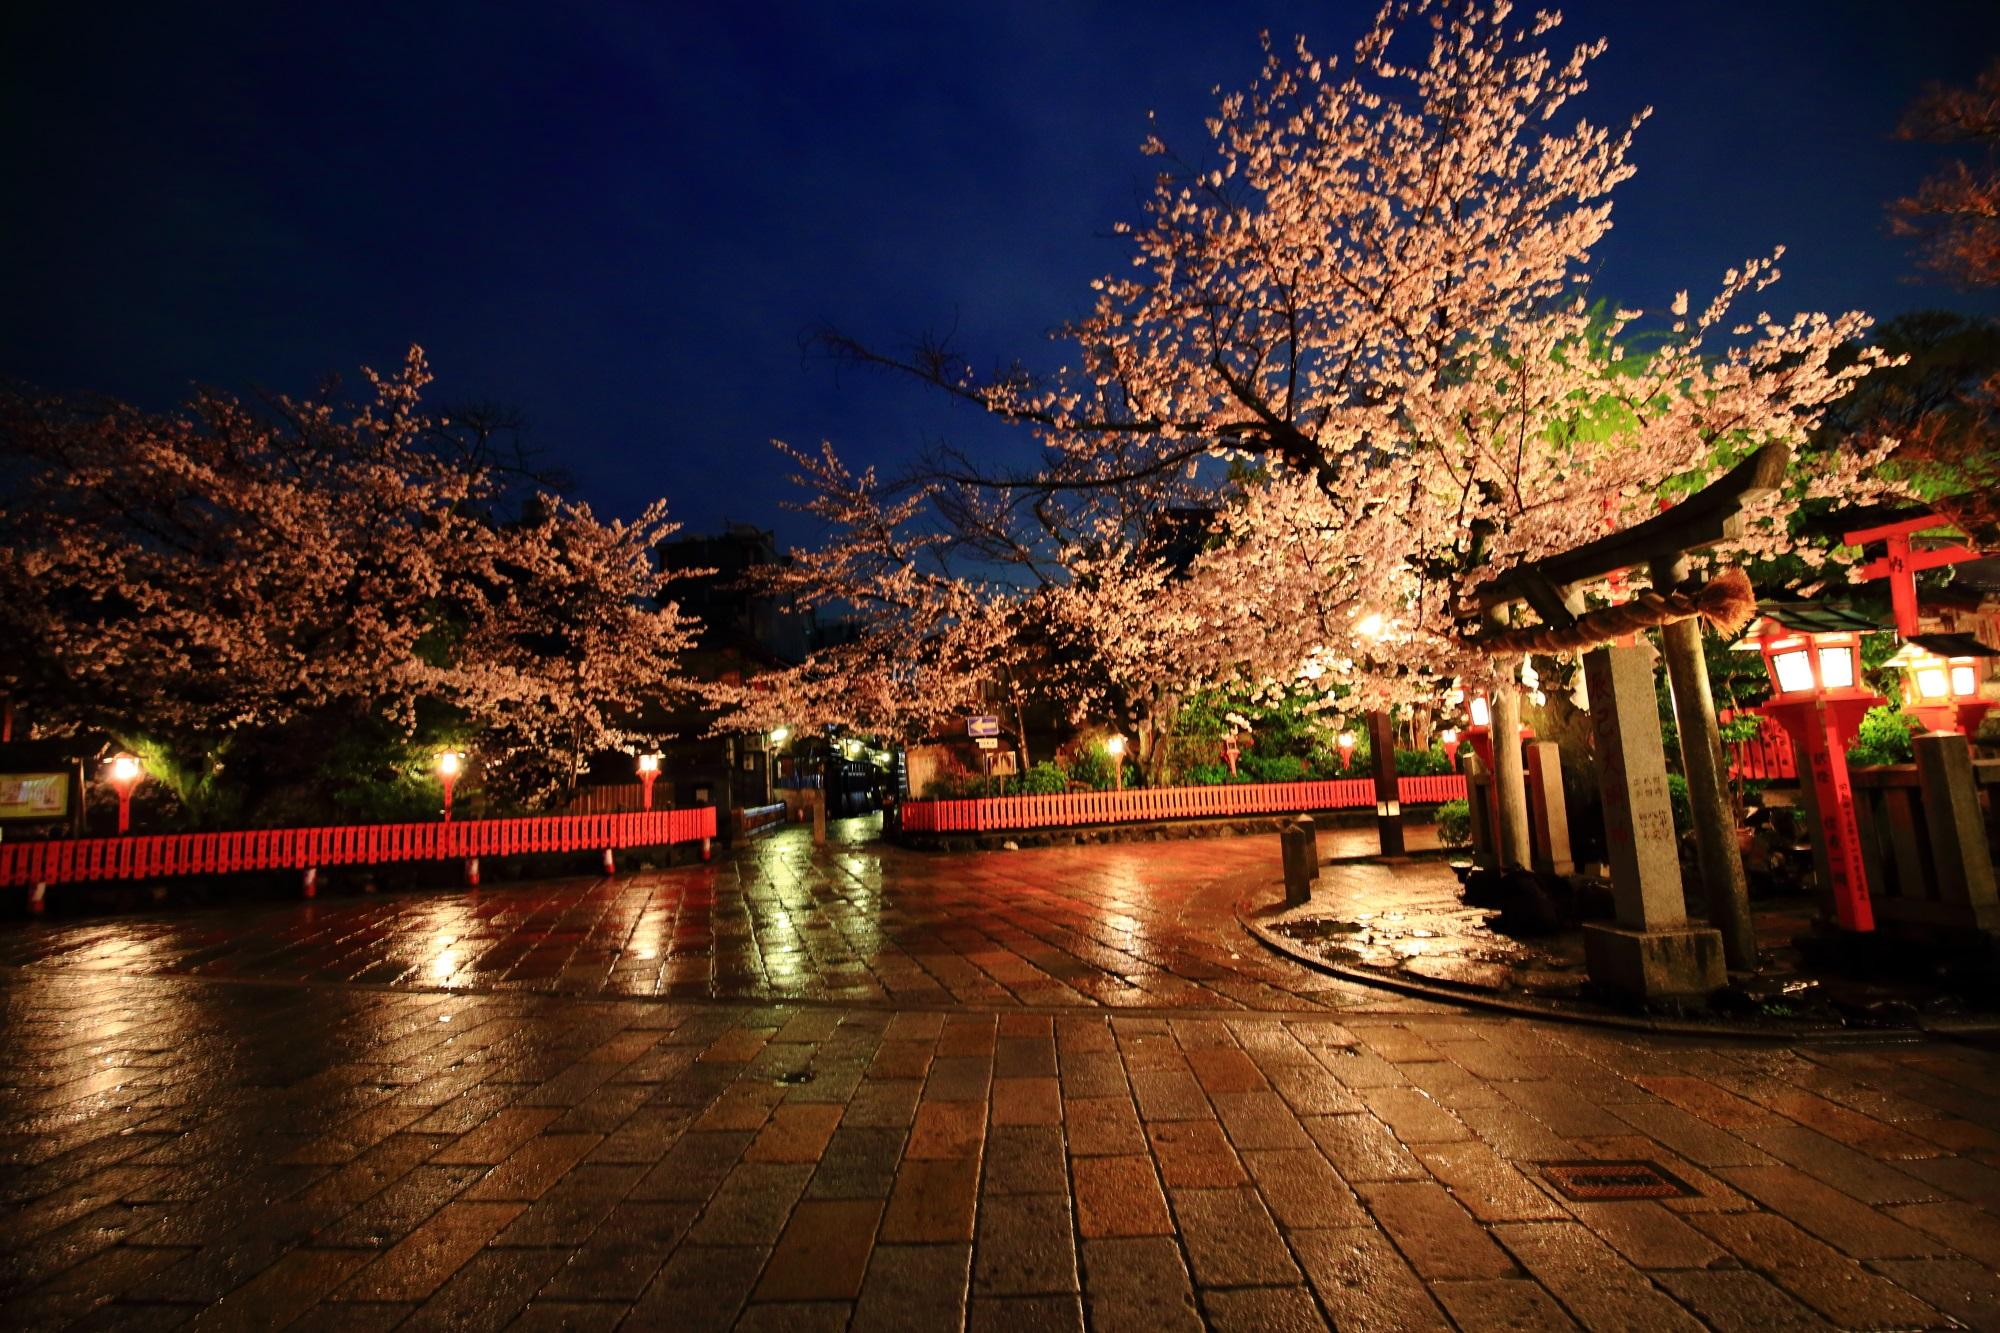 桜の名所の祇園白川の満開の桜と辰巳神社